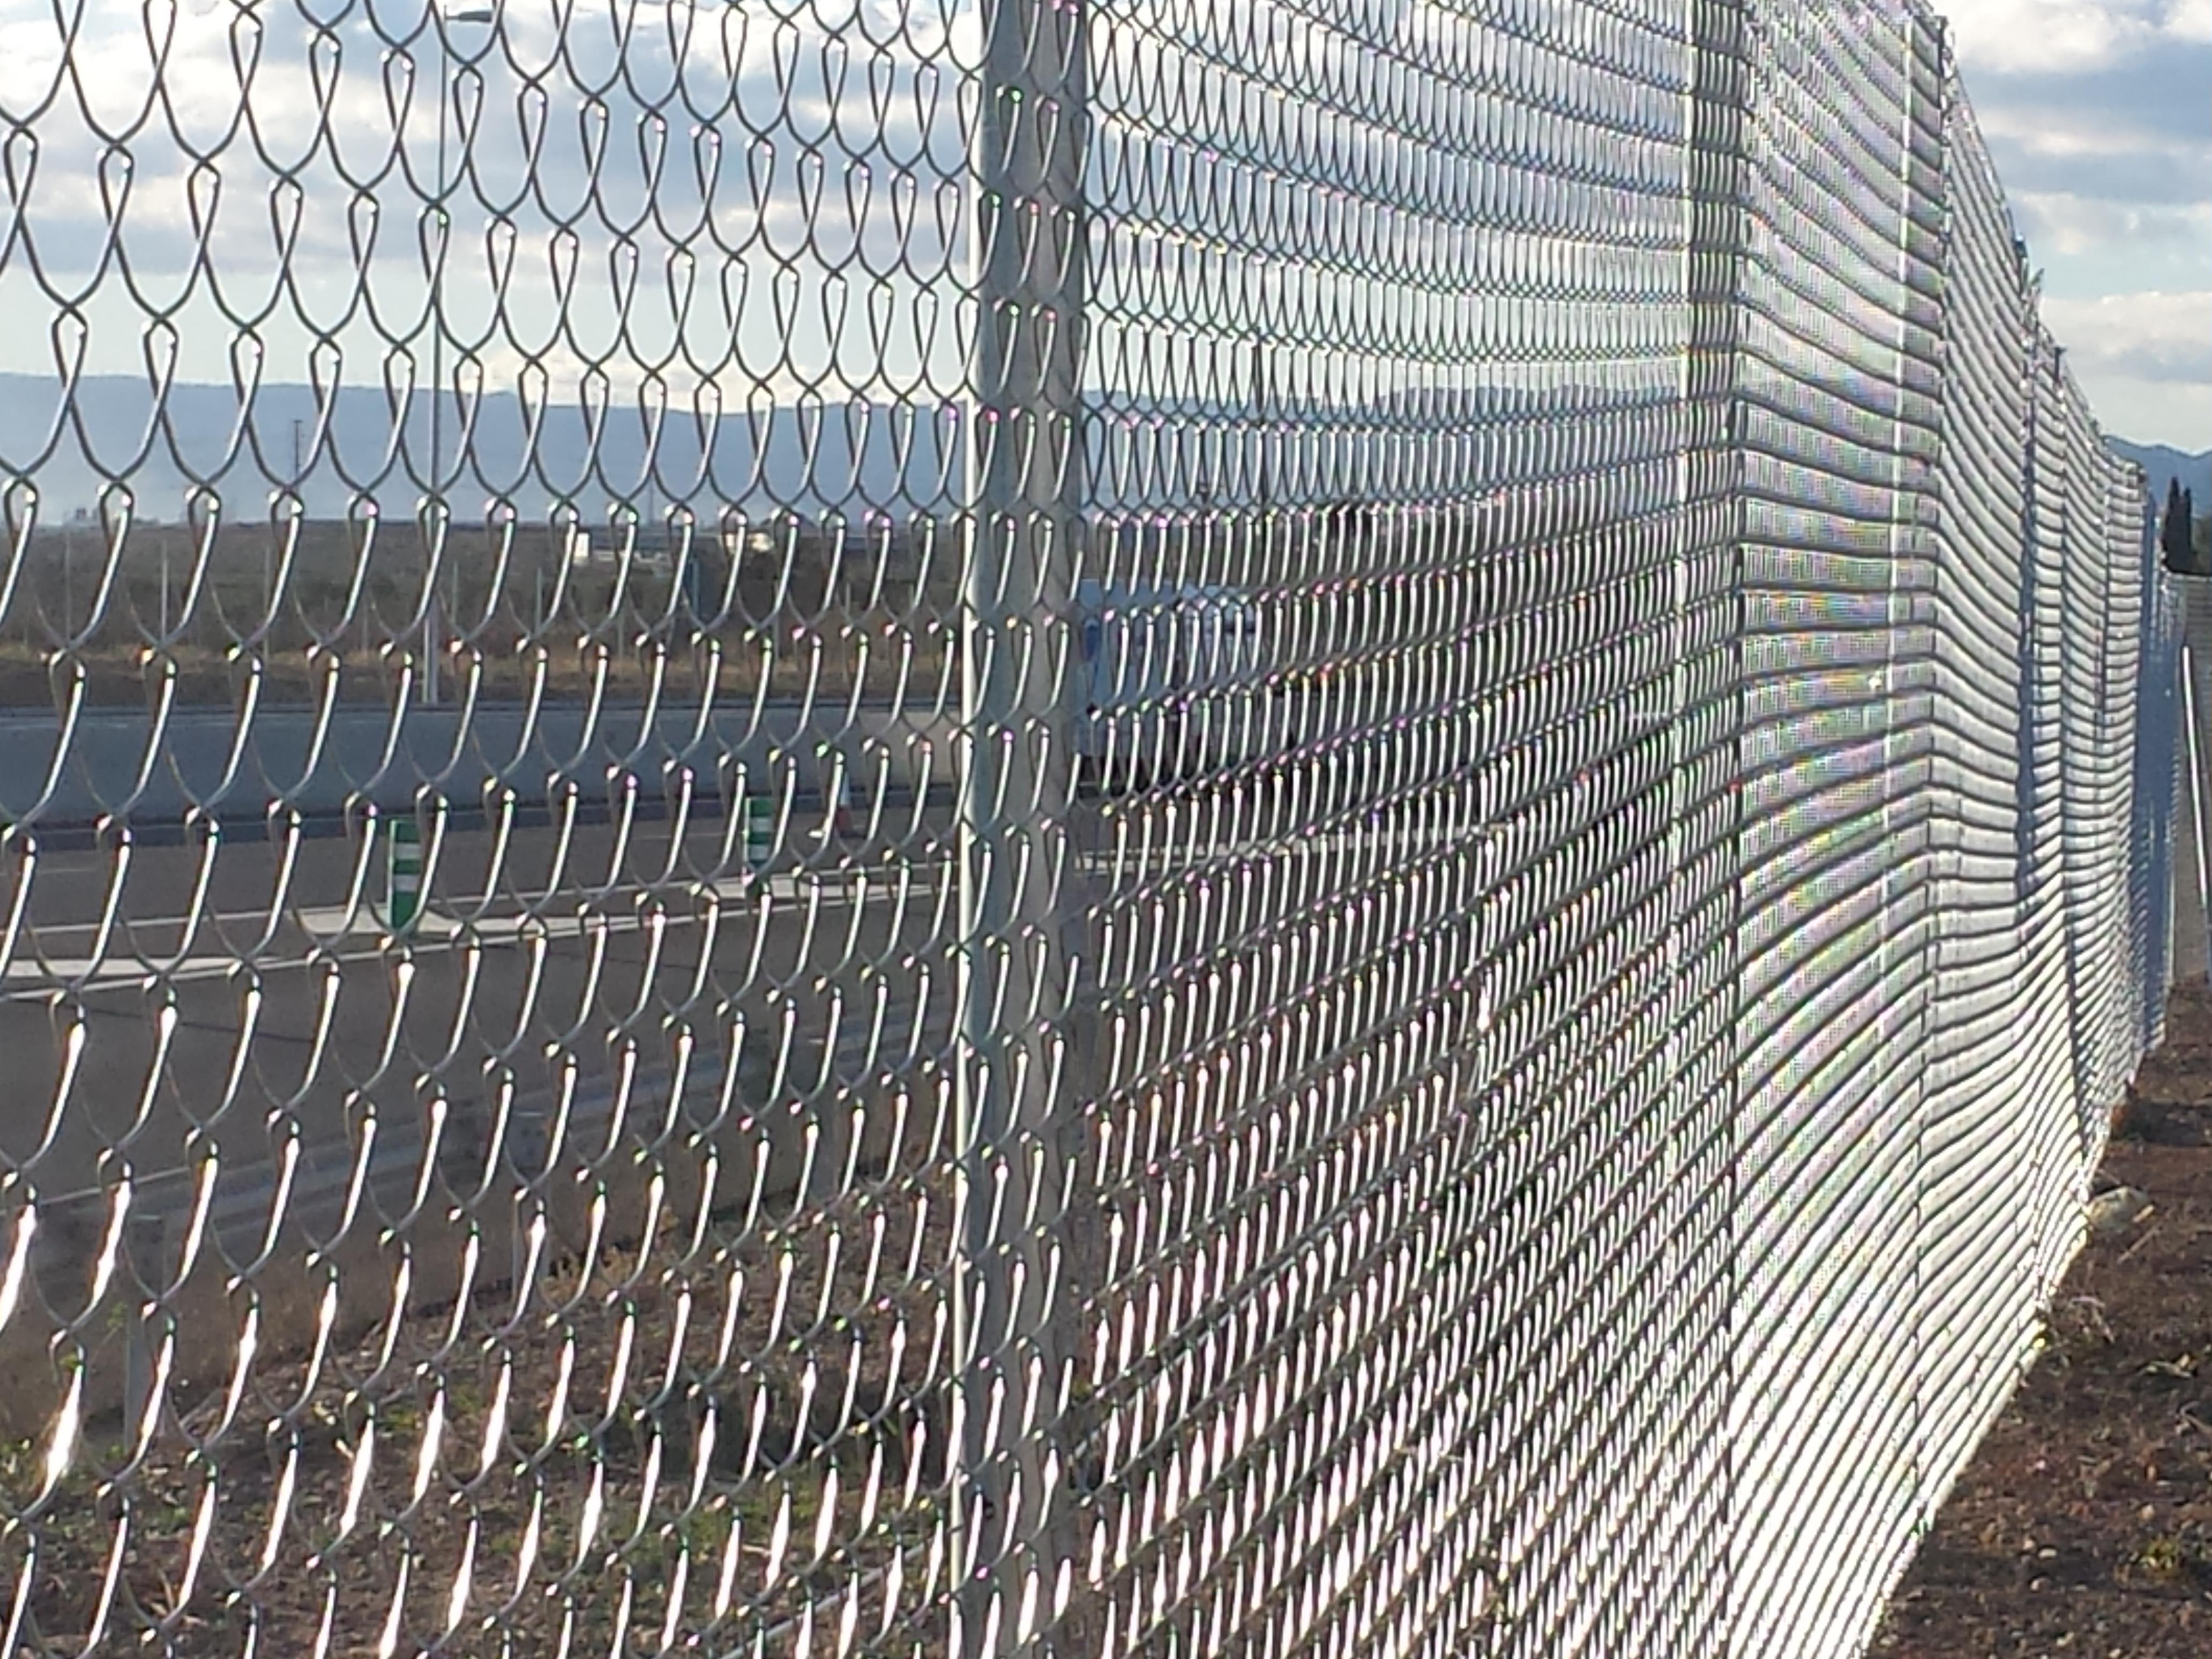 Vinuesa vallas cercados como son las mallas met licas de - Vallas de obra precio ...